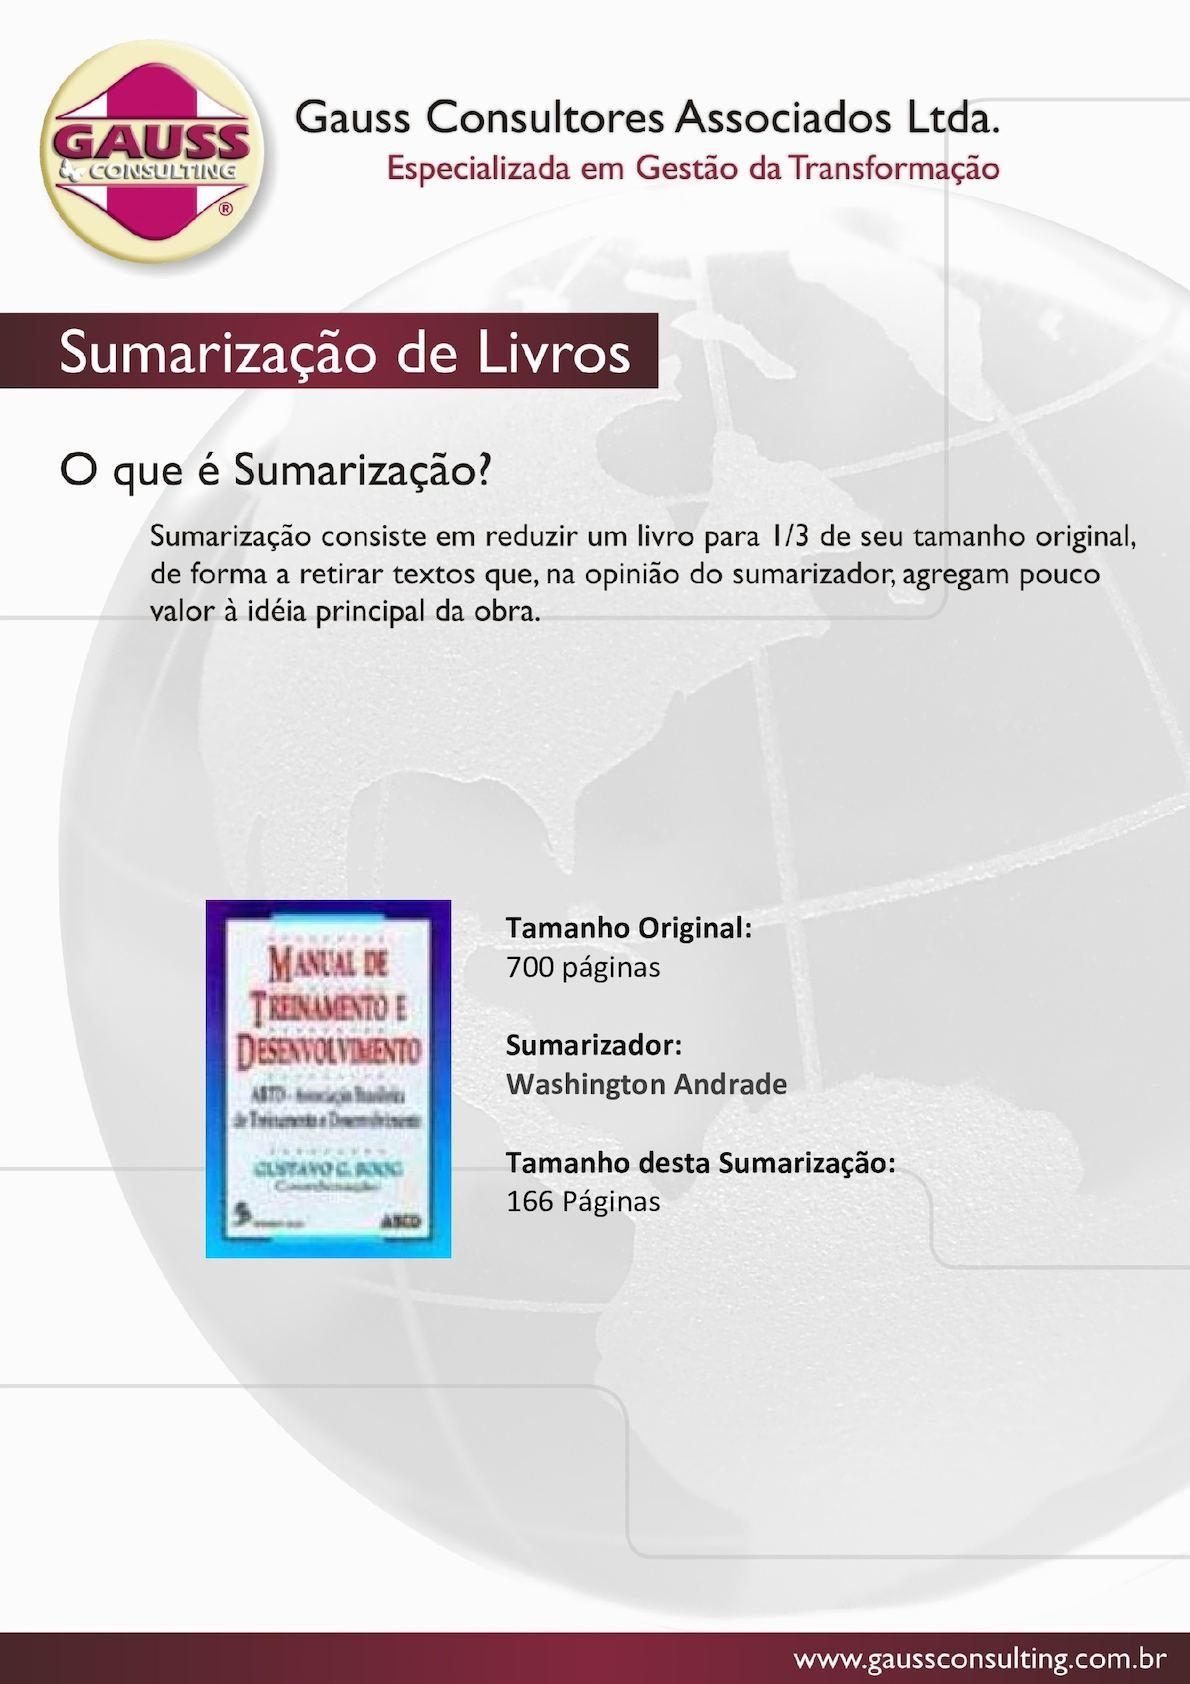 Calaméo - BOOK - Manual De Treinamento E Desenvolvimento Gestão E  Estratégias Pdf 4bc7ed639890a